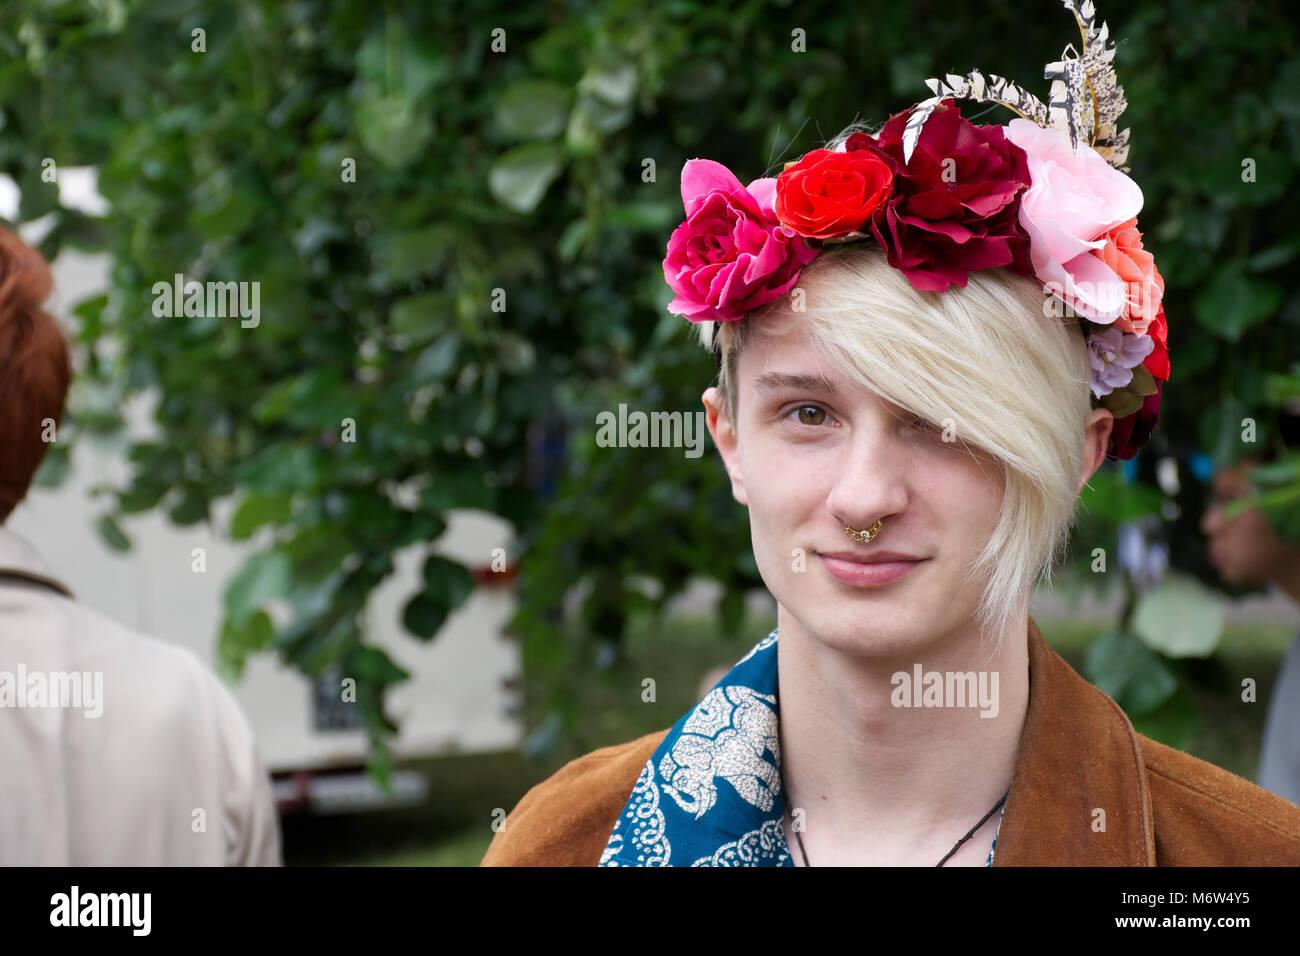 Das Männliche stereotyp, Transgender Uk, LGBT. Mann, Make-up, und Stolz. LGBT Pride event, Stoke-on-Trent, Staffordshire, Stockfoto